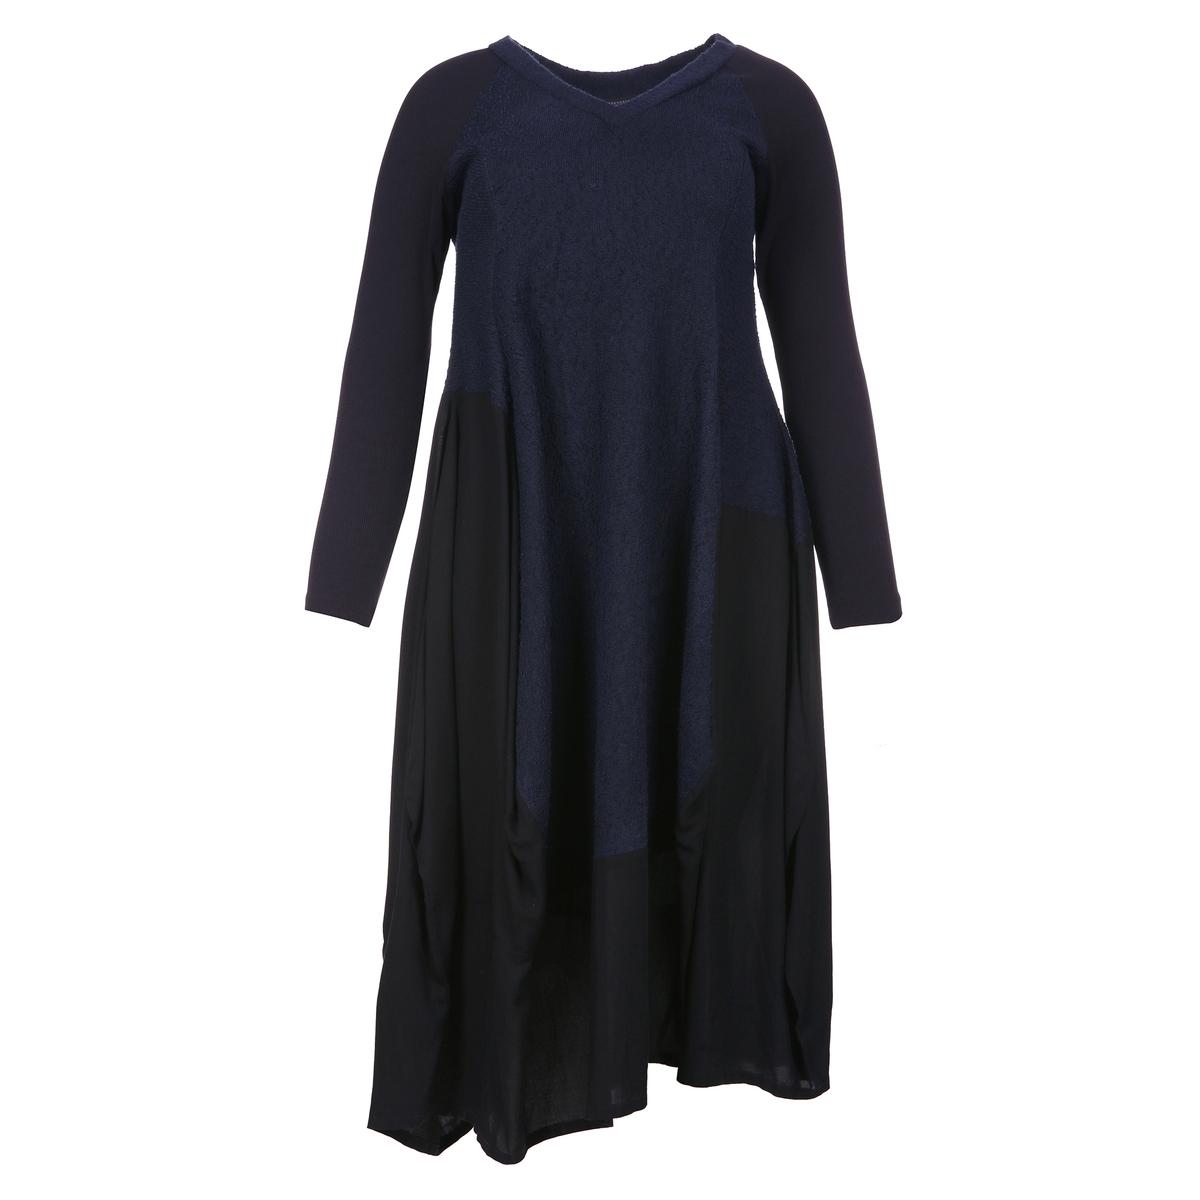 ПлатьеАсимметричное платье MAT FASHION. 97% вискозы, 3% эластана. Асимметричный струящийся покрой в технике пэчворк на черной основе, волнистый рисунок в голубых тонах. Длинные рукава. V-образный вырез.<br><br>Цвет: синий<br>Размер: 44/46 (FR) - 50/52 (RUS)